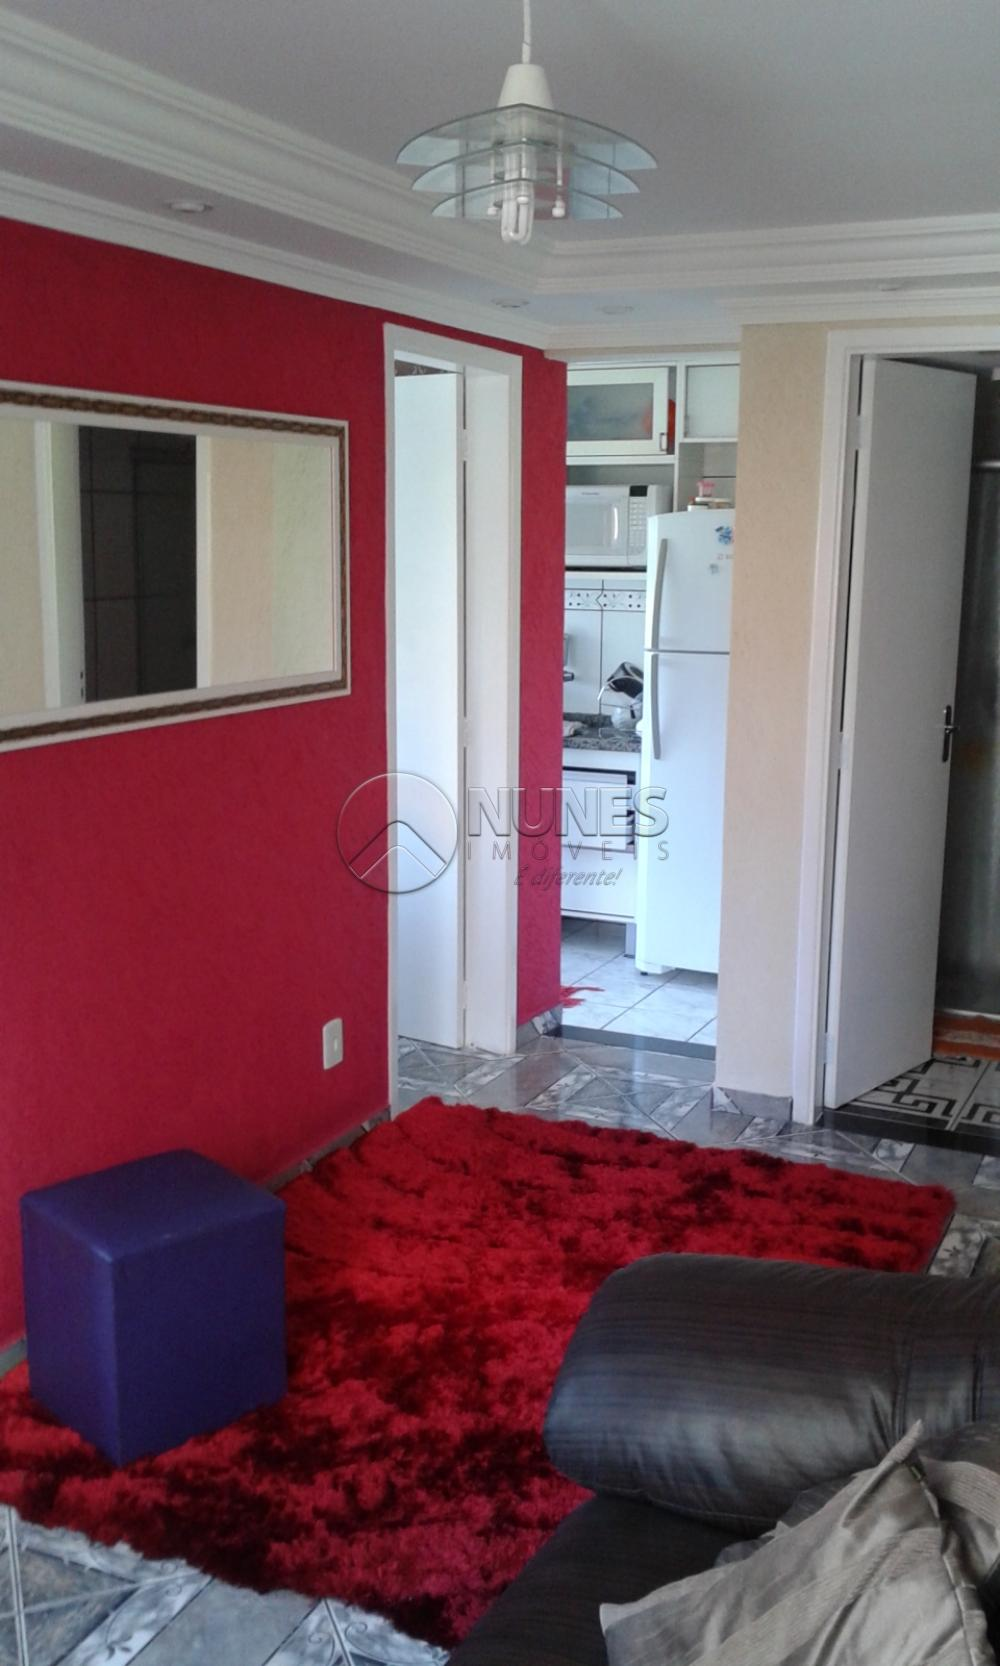 Apartamento de 3 dormitórios à venda em Vila Menck, Osasco - SP